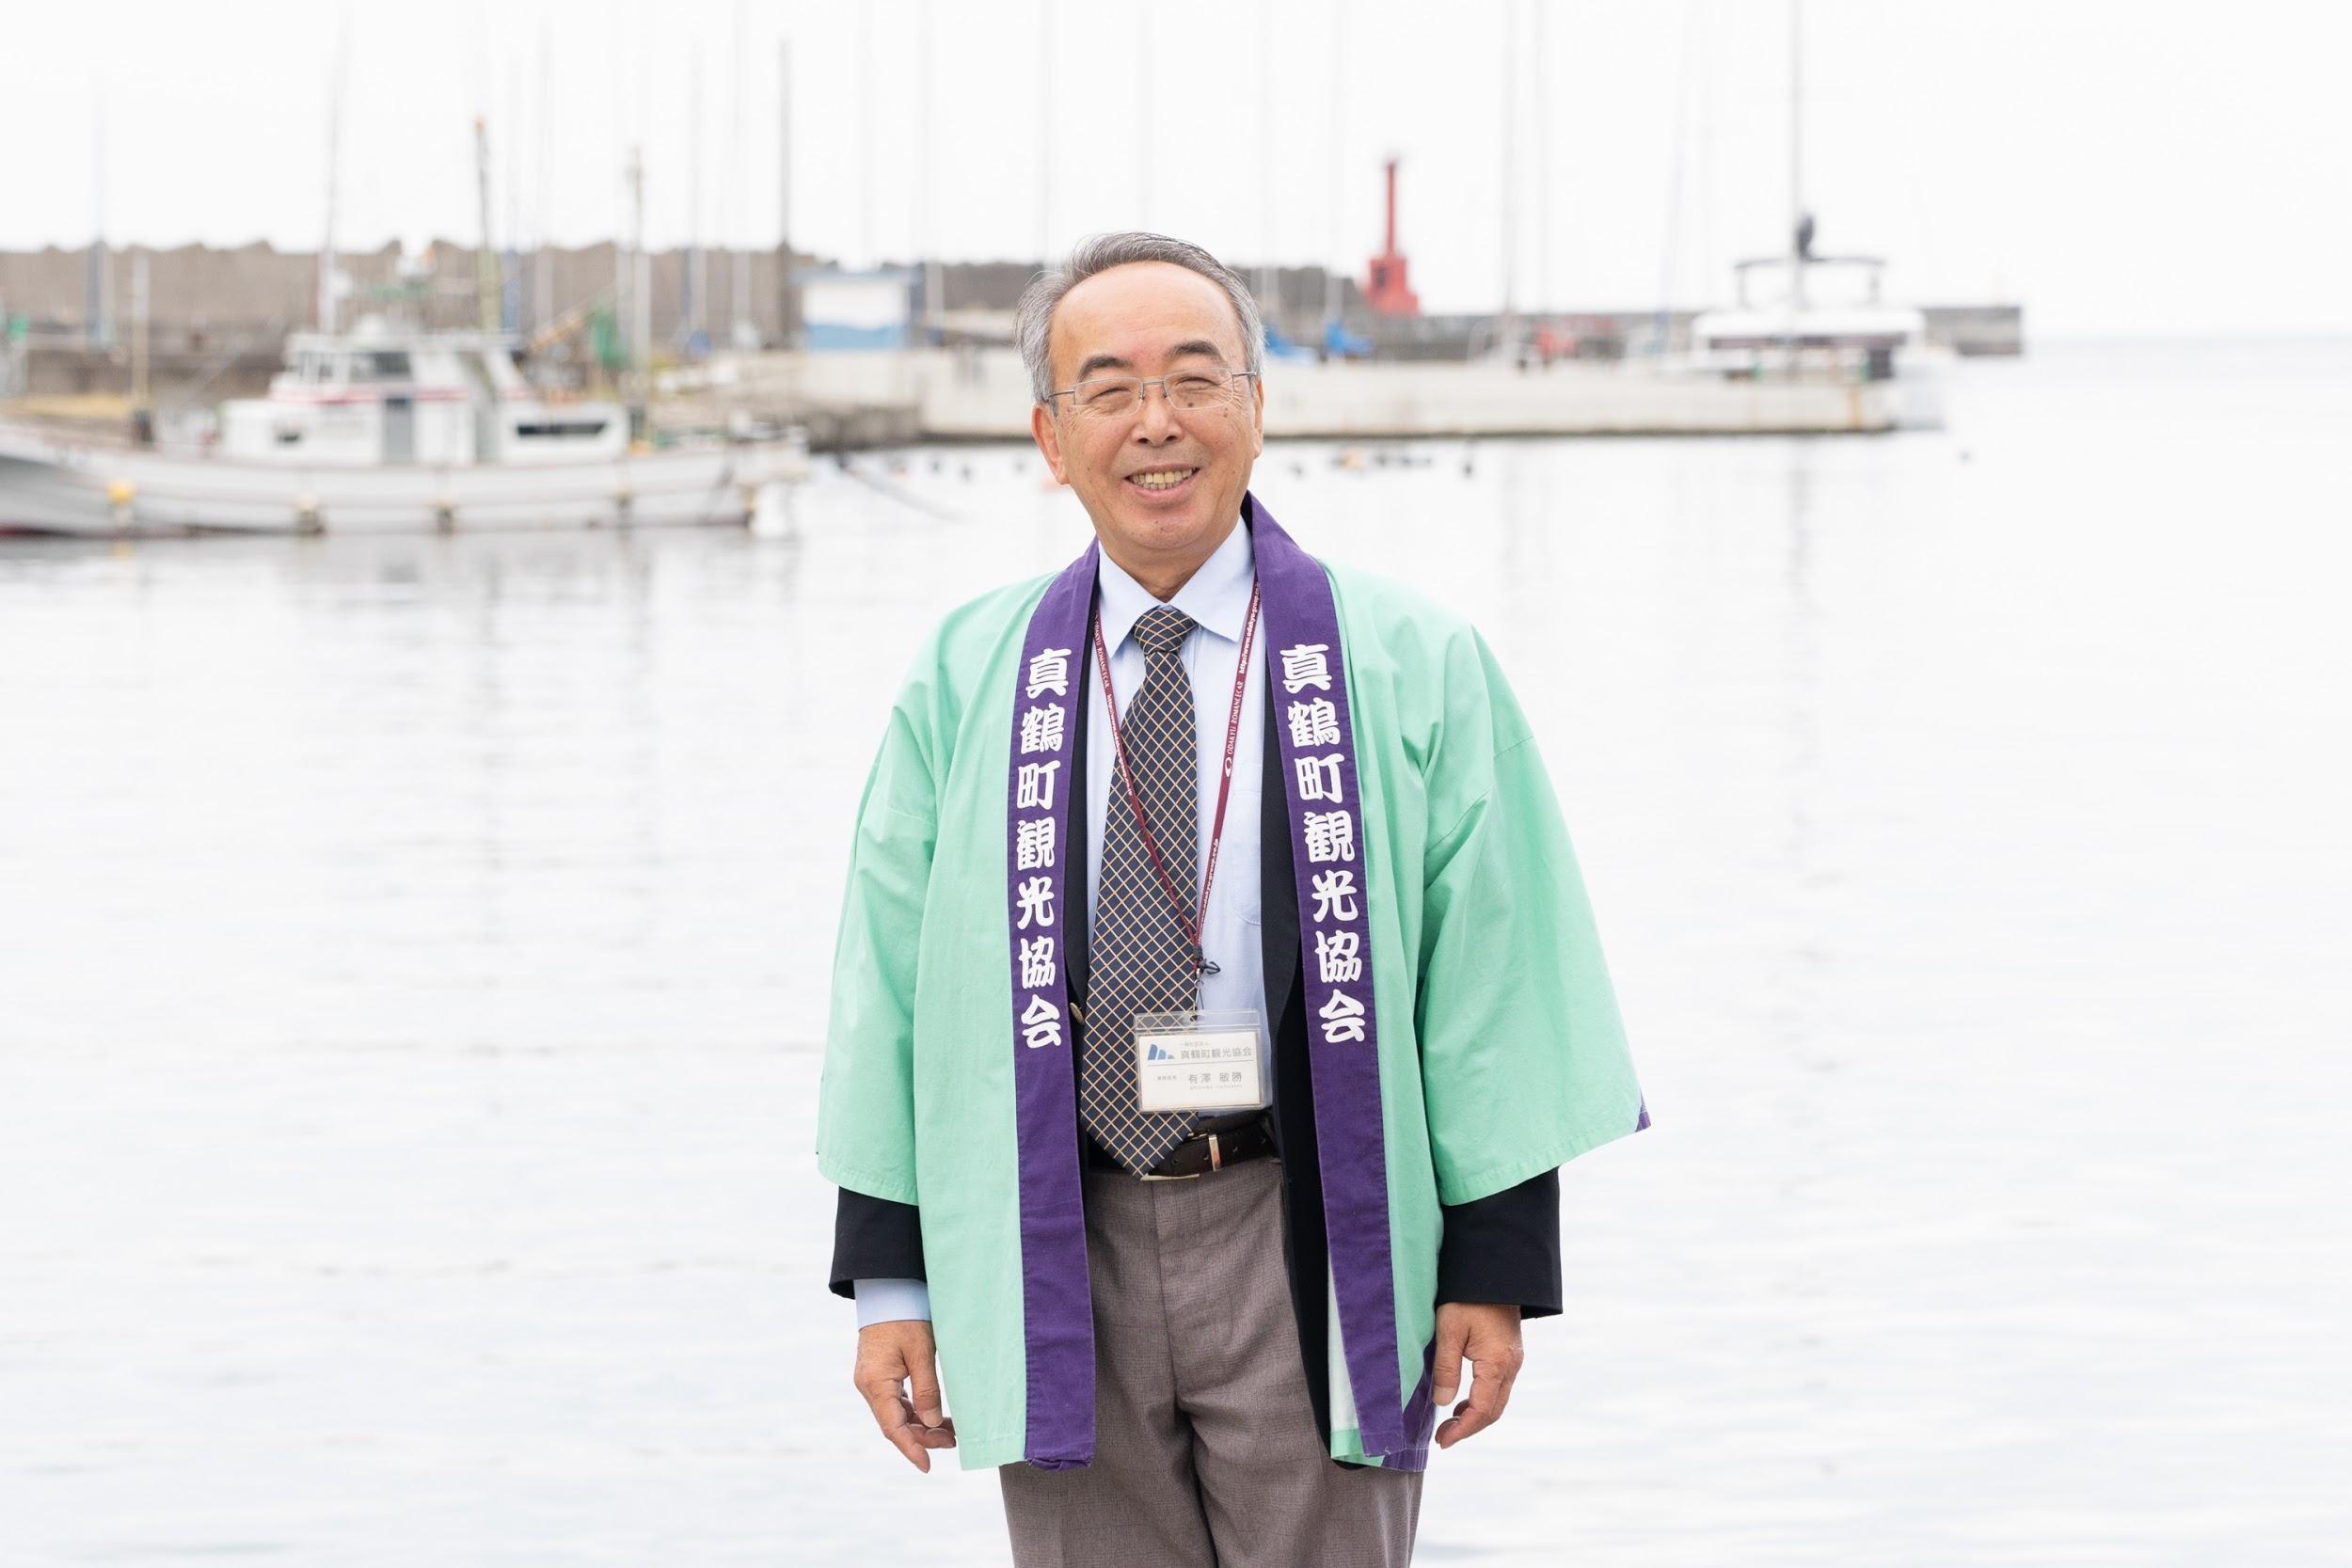 もっと知りたい、そして行ってみたい真鶴町!真鶴観光協会局長の有澤敏勝さんに突撃インタビューしてきました!の画像